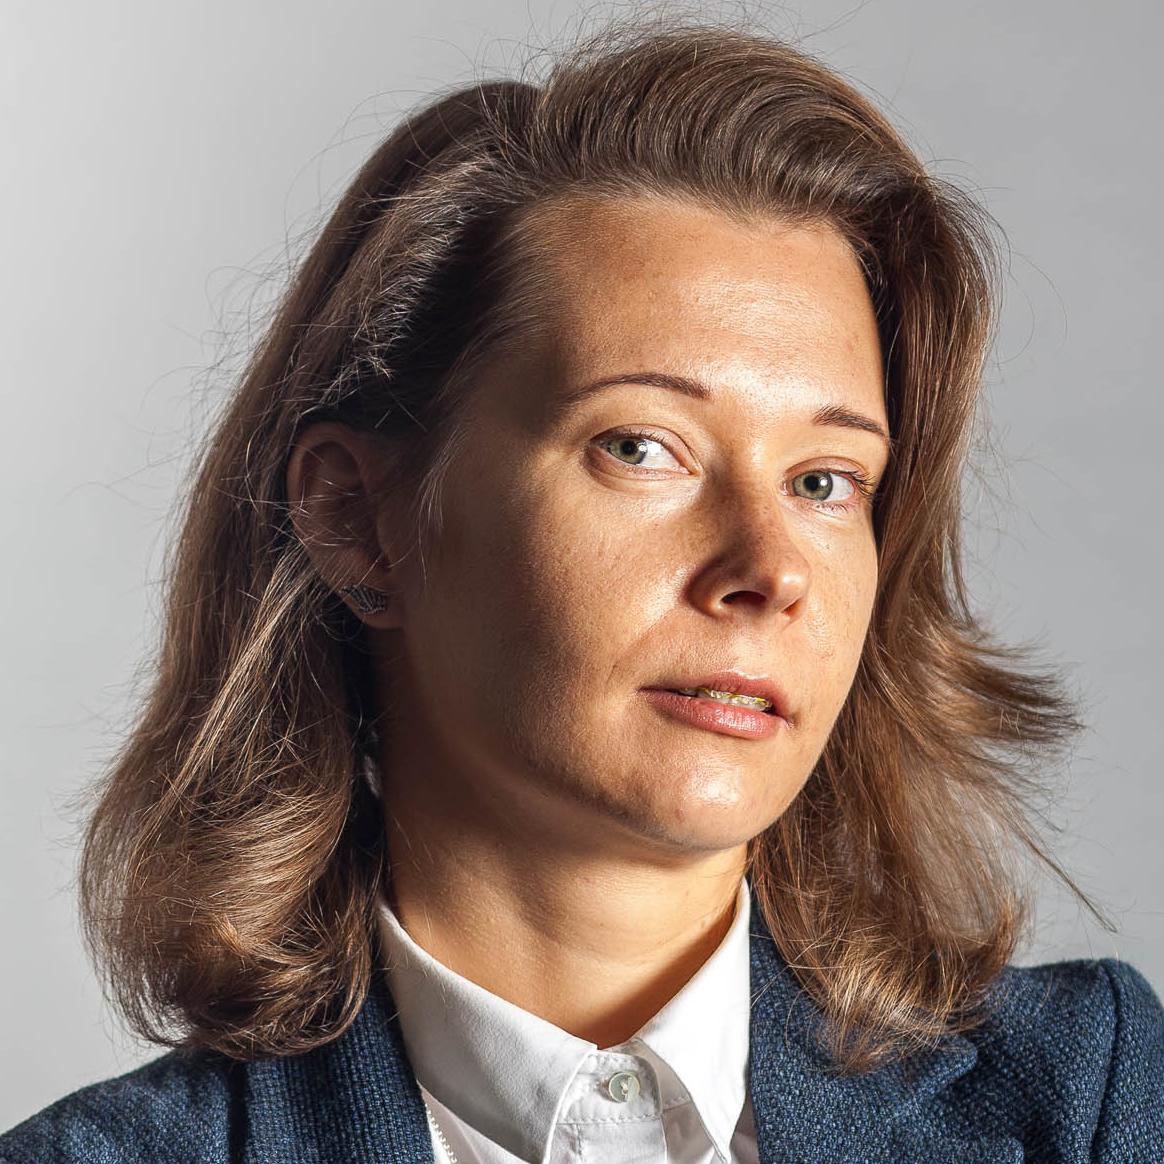 Anna Bortiana